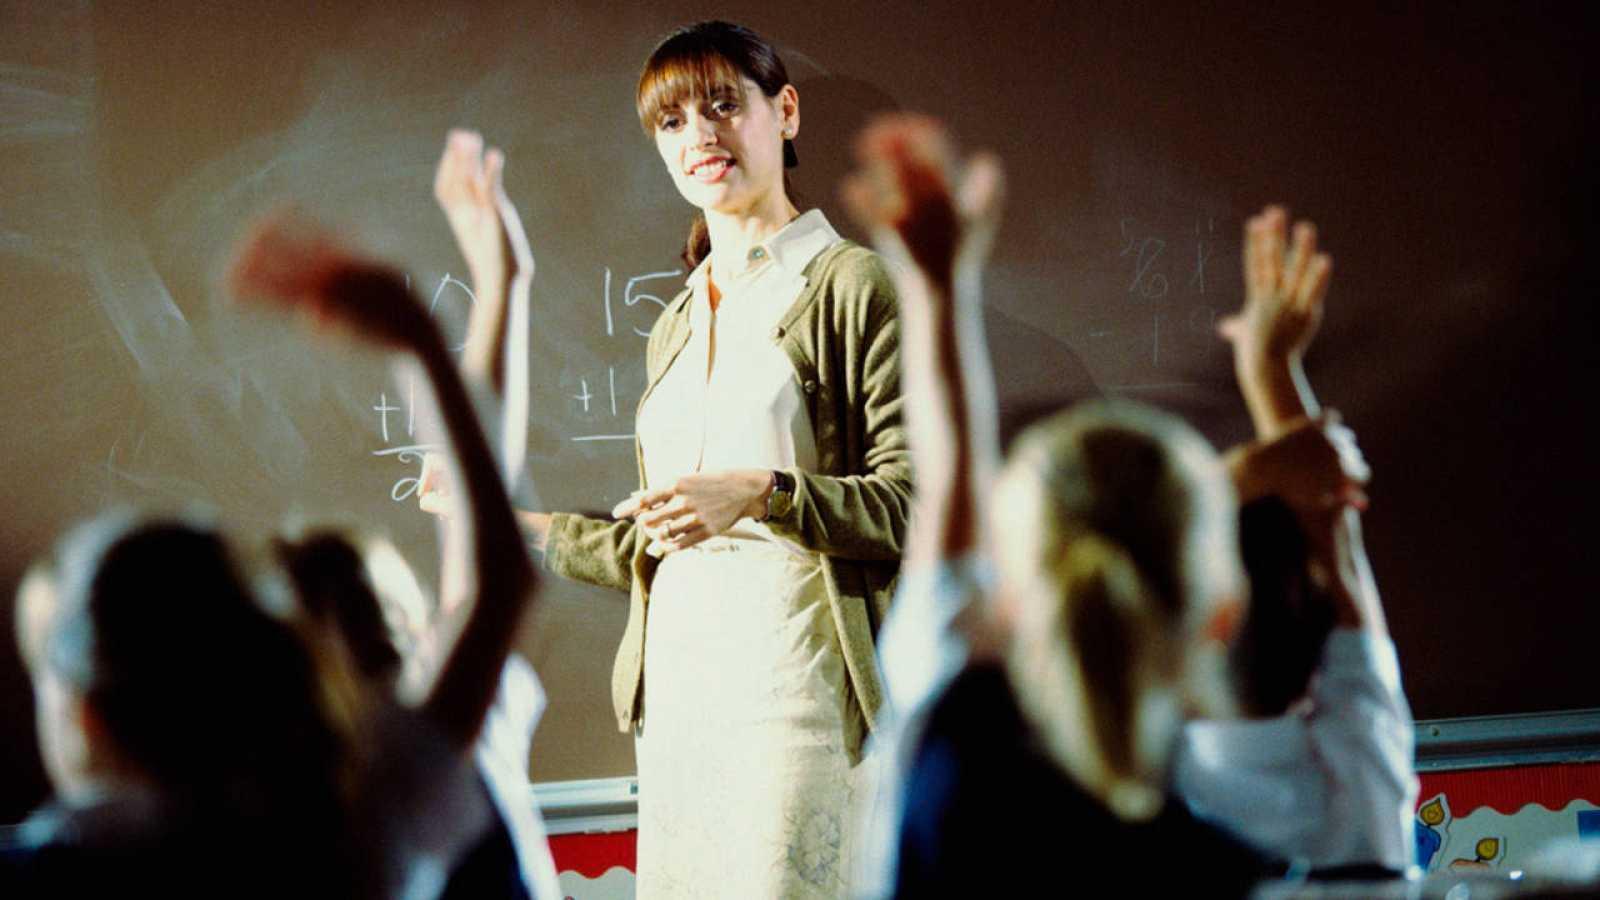 Una profesora dando clase en un aula